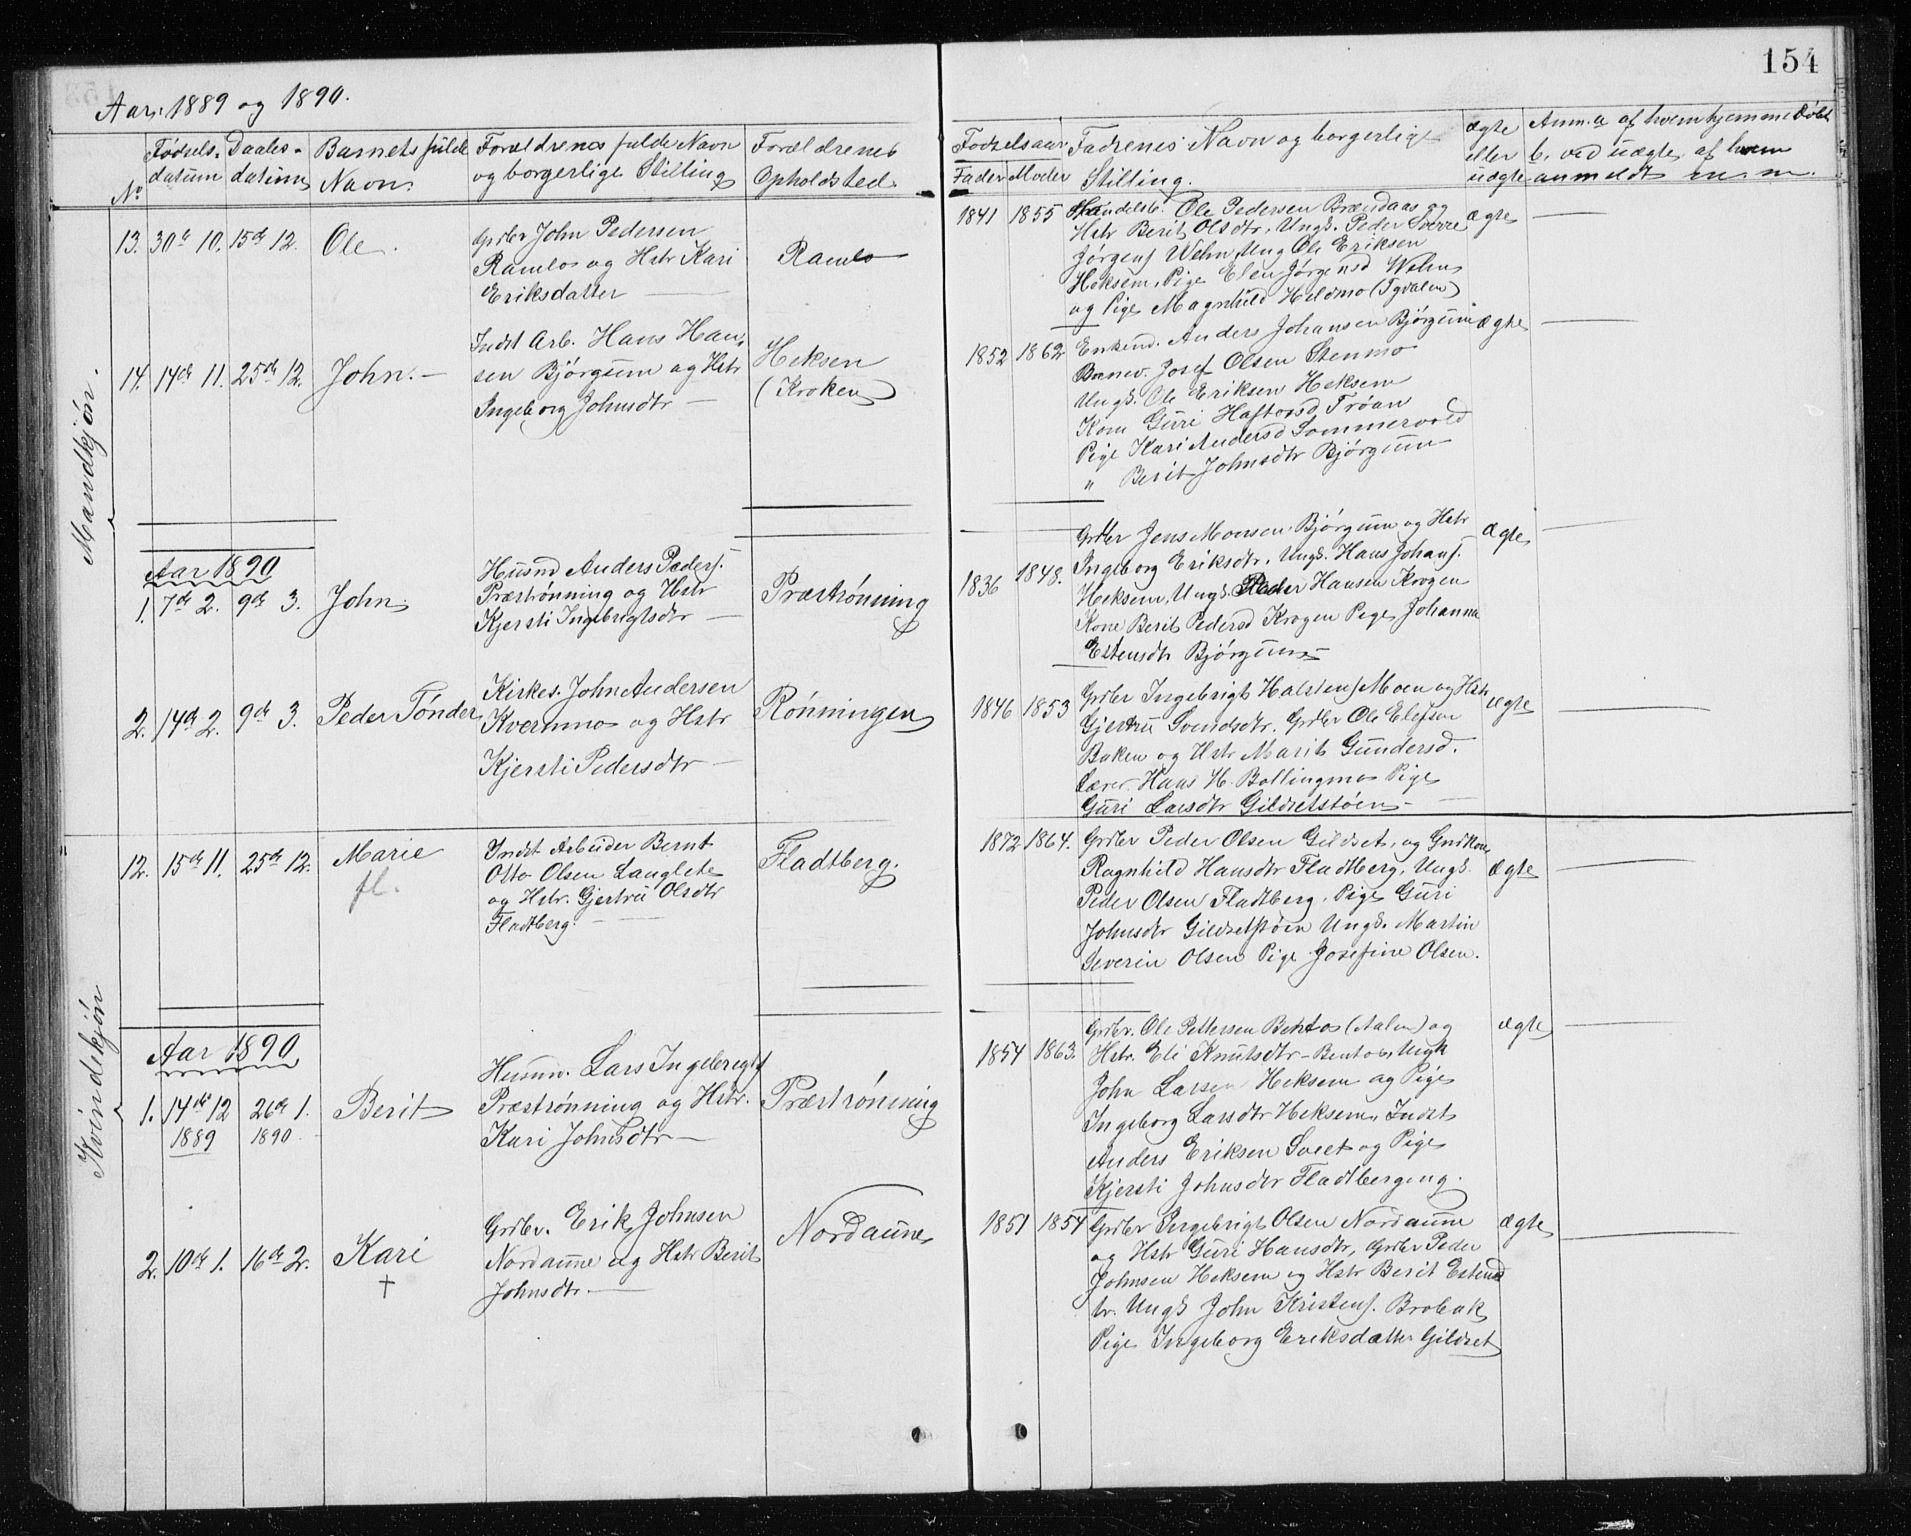 SAT, Ministerialprotokoller, klokkerbøker og fødselsregistre - Sør-Trøndelag, 685/L0977: Klokkerbok nr. 685C02, 1879-1890, s. 154